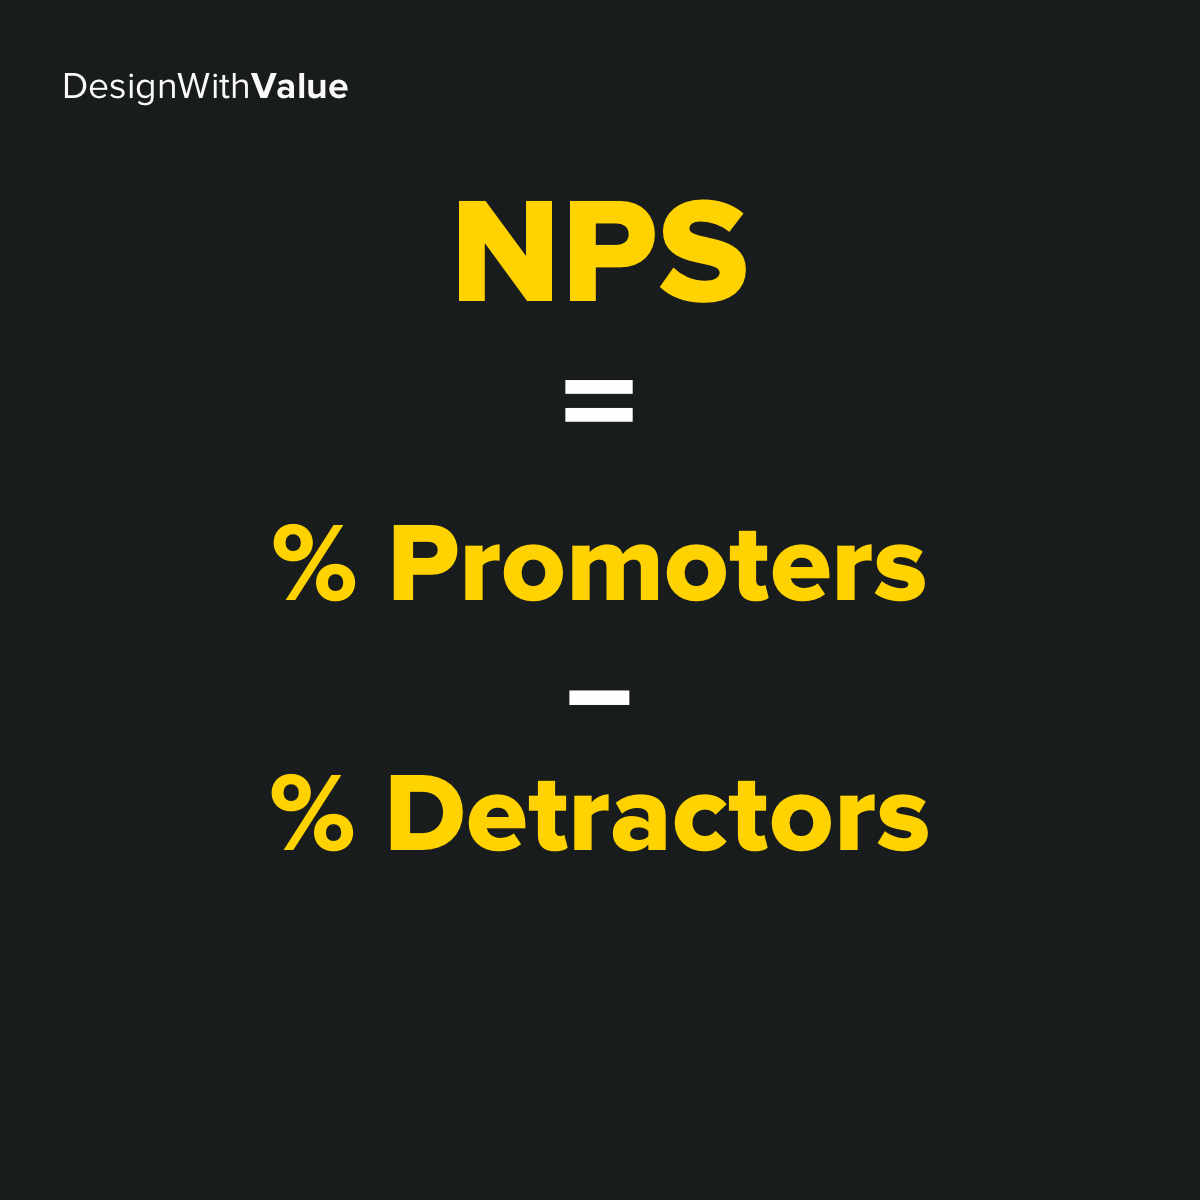 Formula for NPS: Percent of promoters minus percent of detractors.